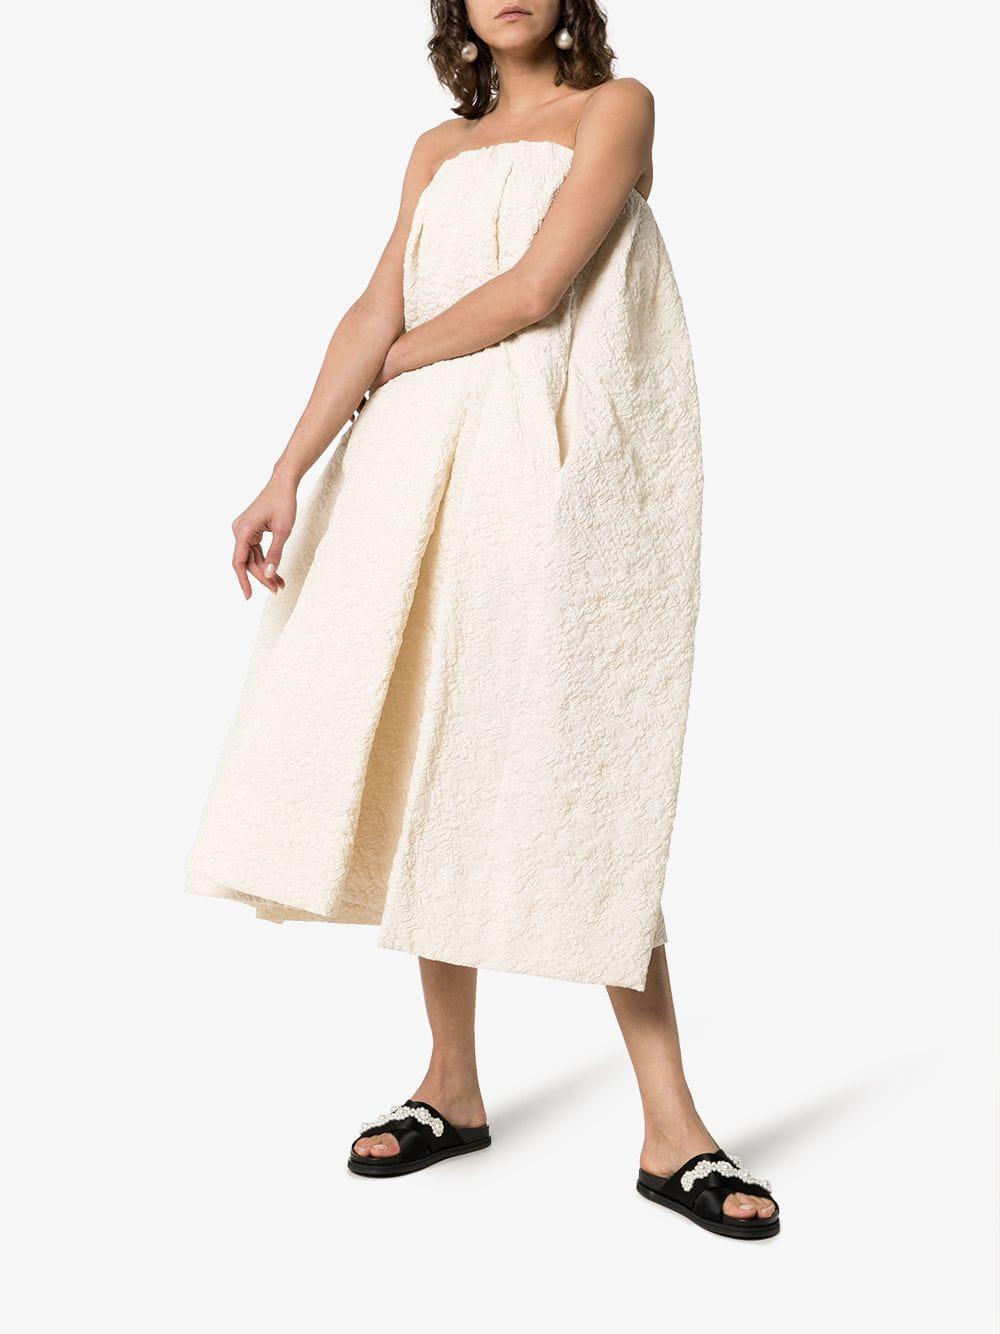 660a867f216ea2 Simone Rocha Paper Floral Midi-Dress In Nude